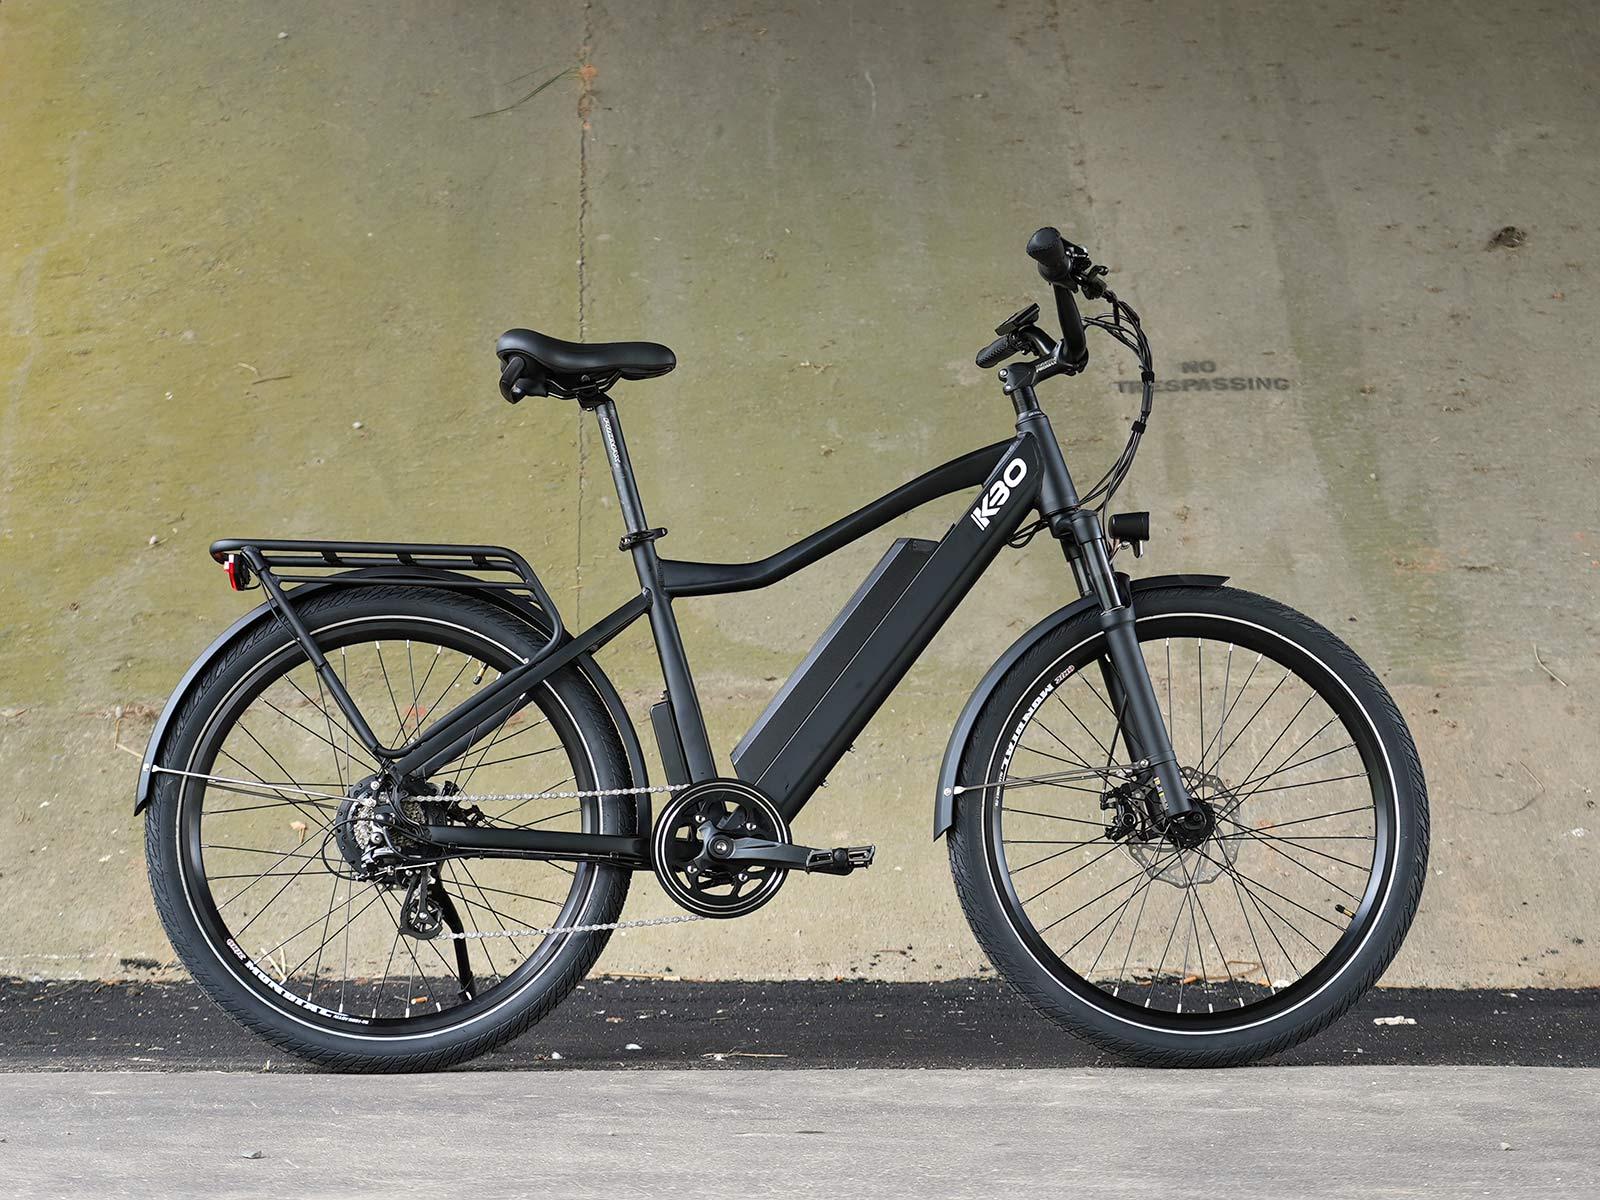 kbo breeze commuter e-bike side profile